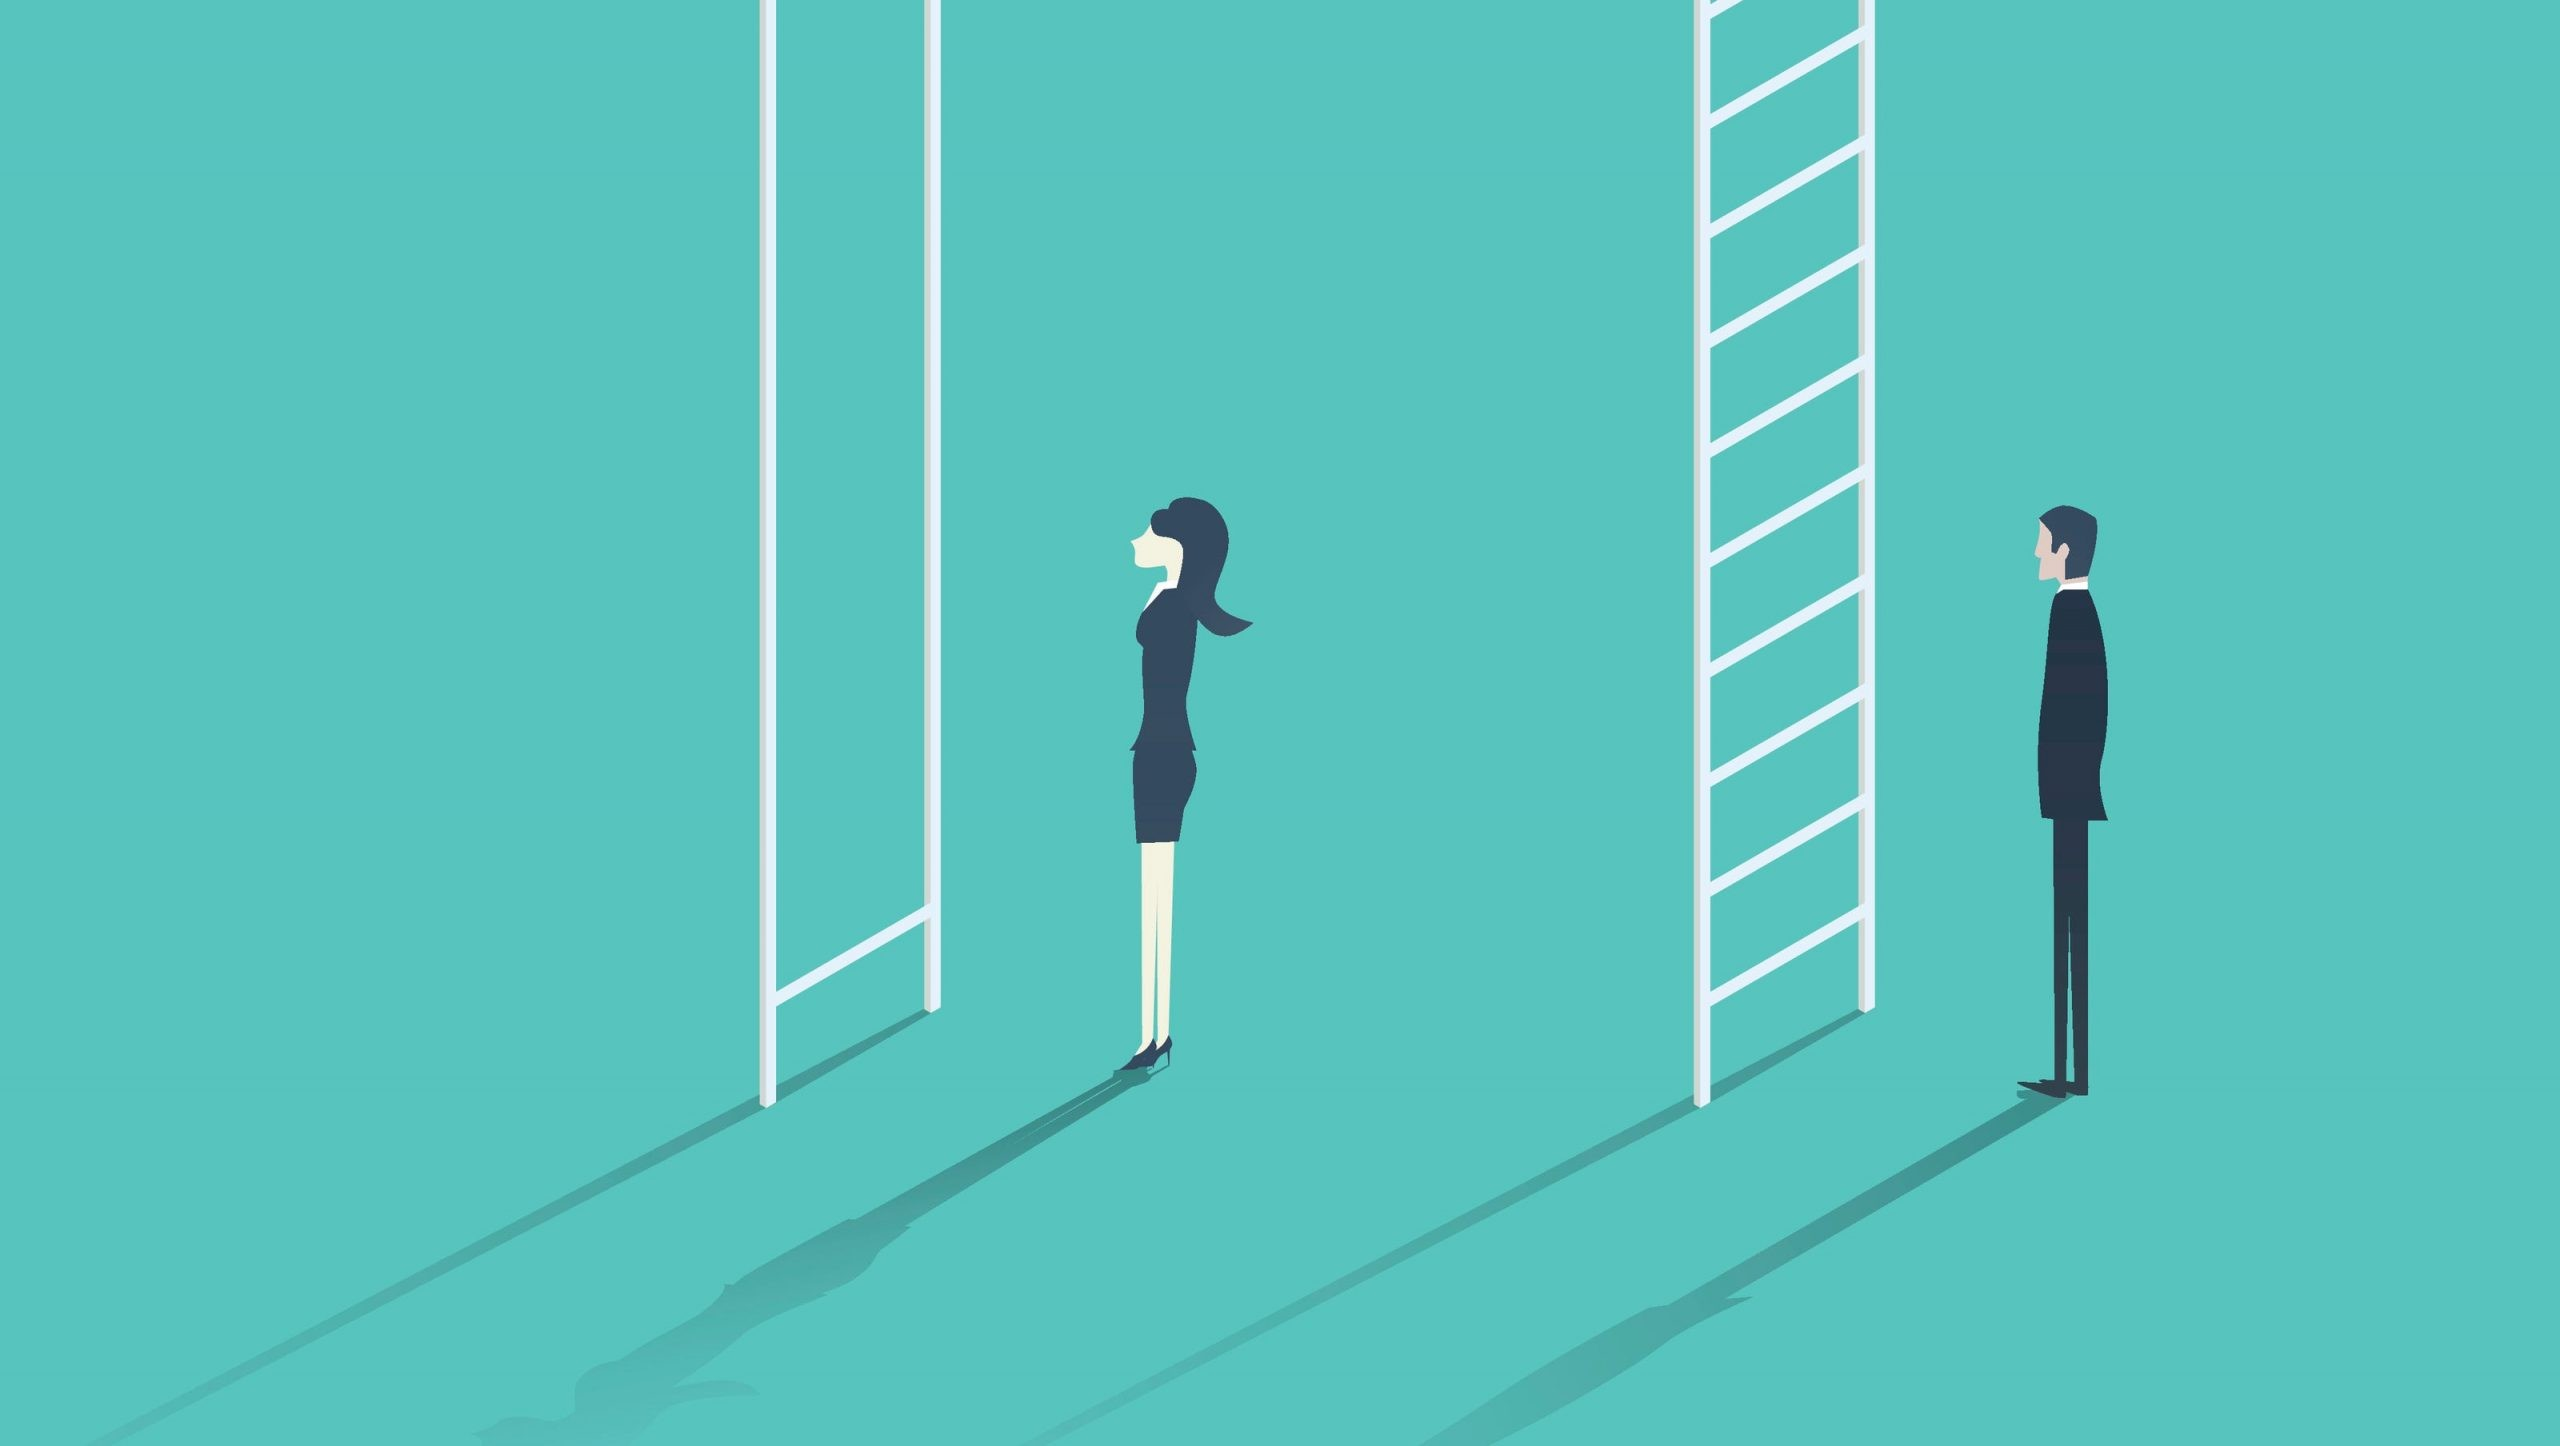 دشوارگیِ خودآیینیِ فرودستِ زن